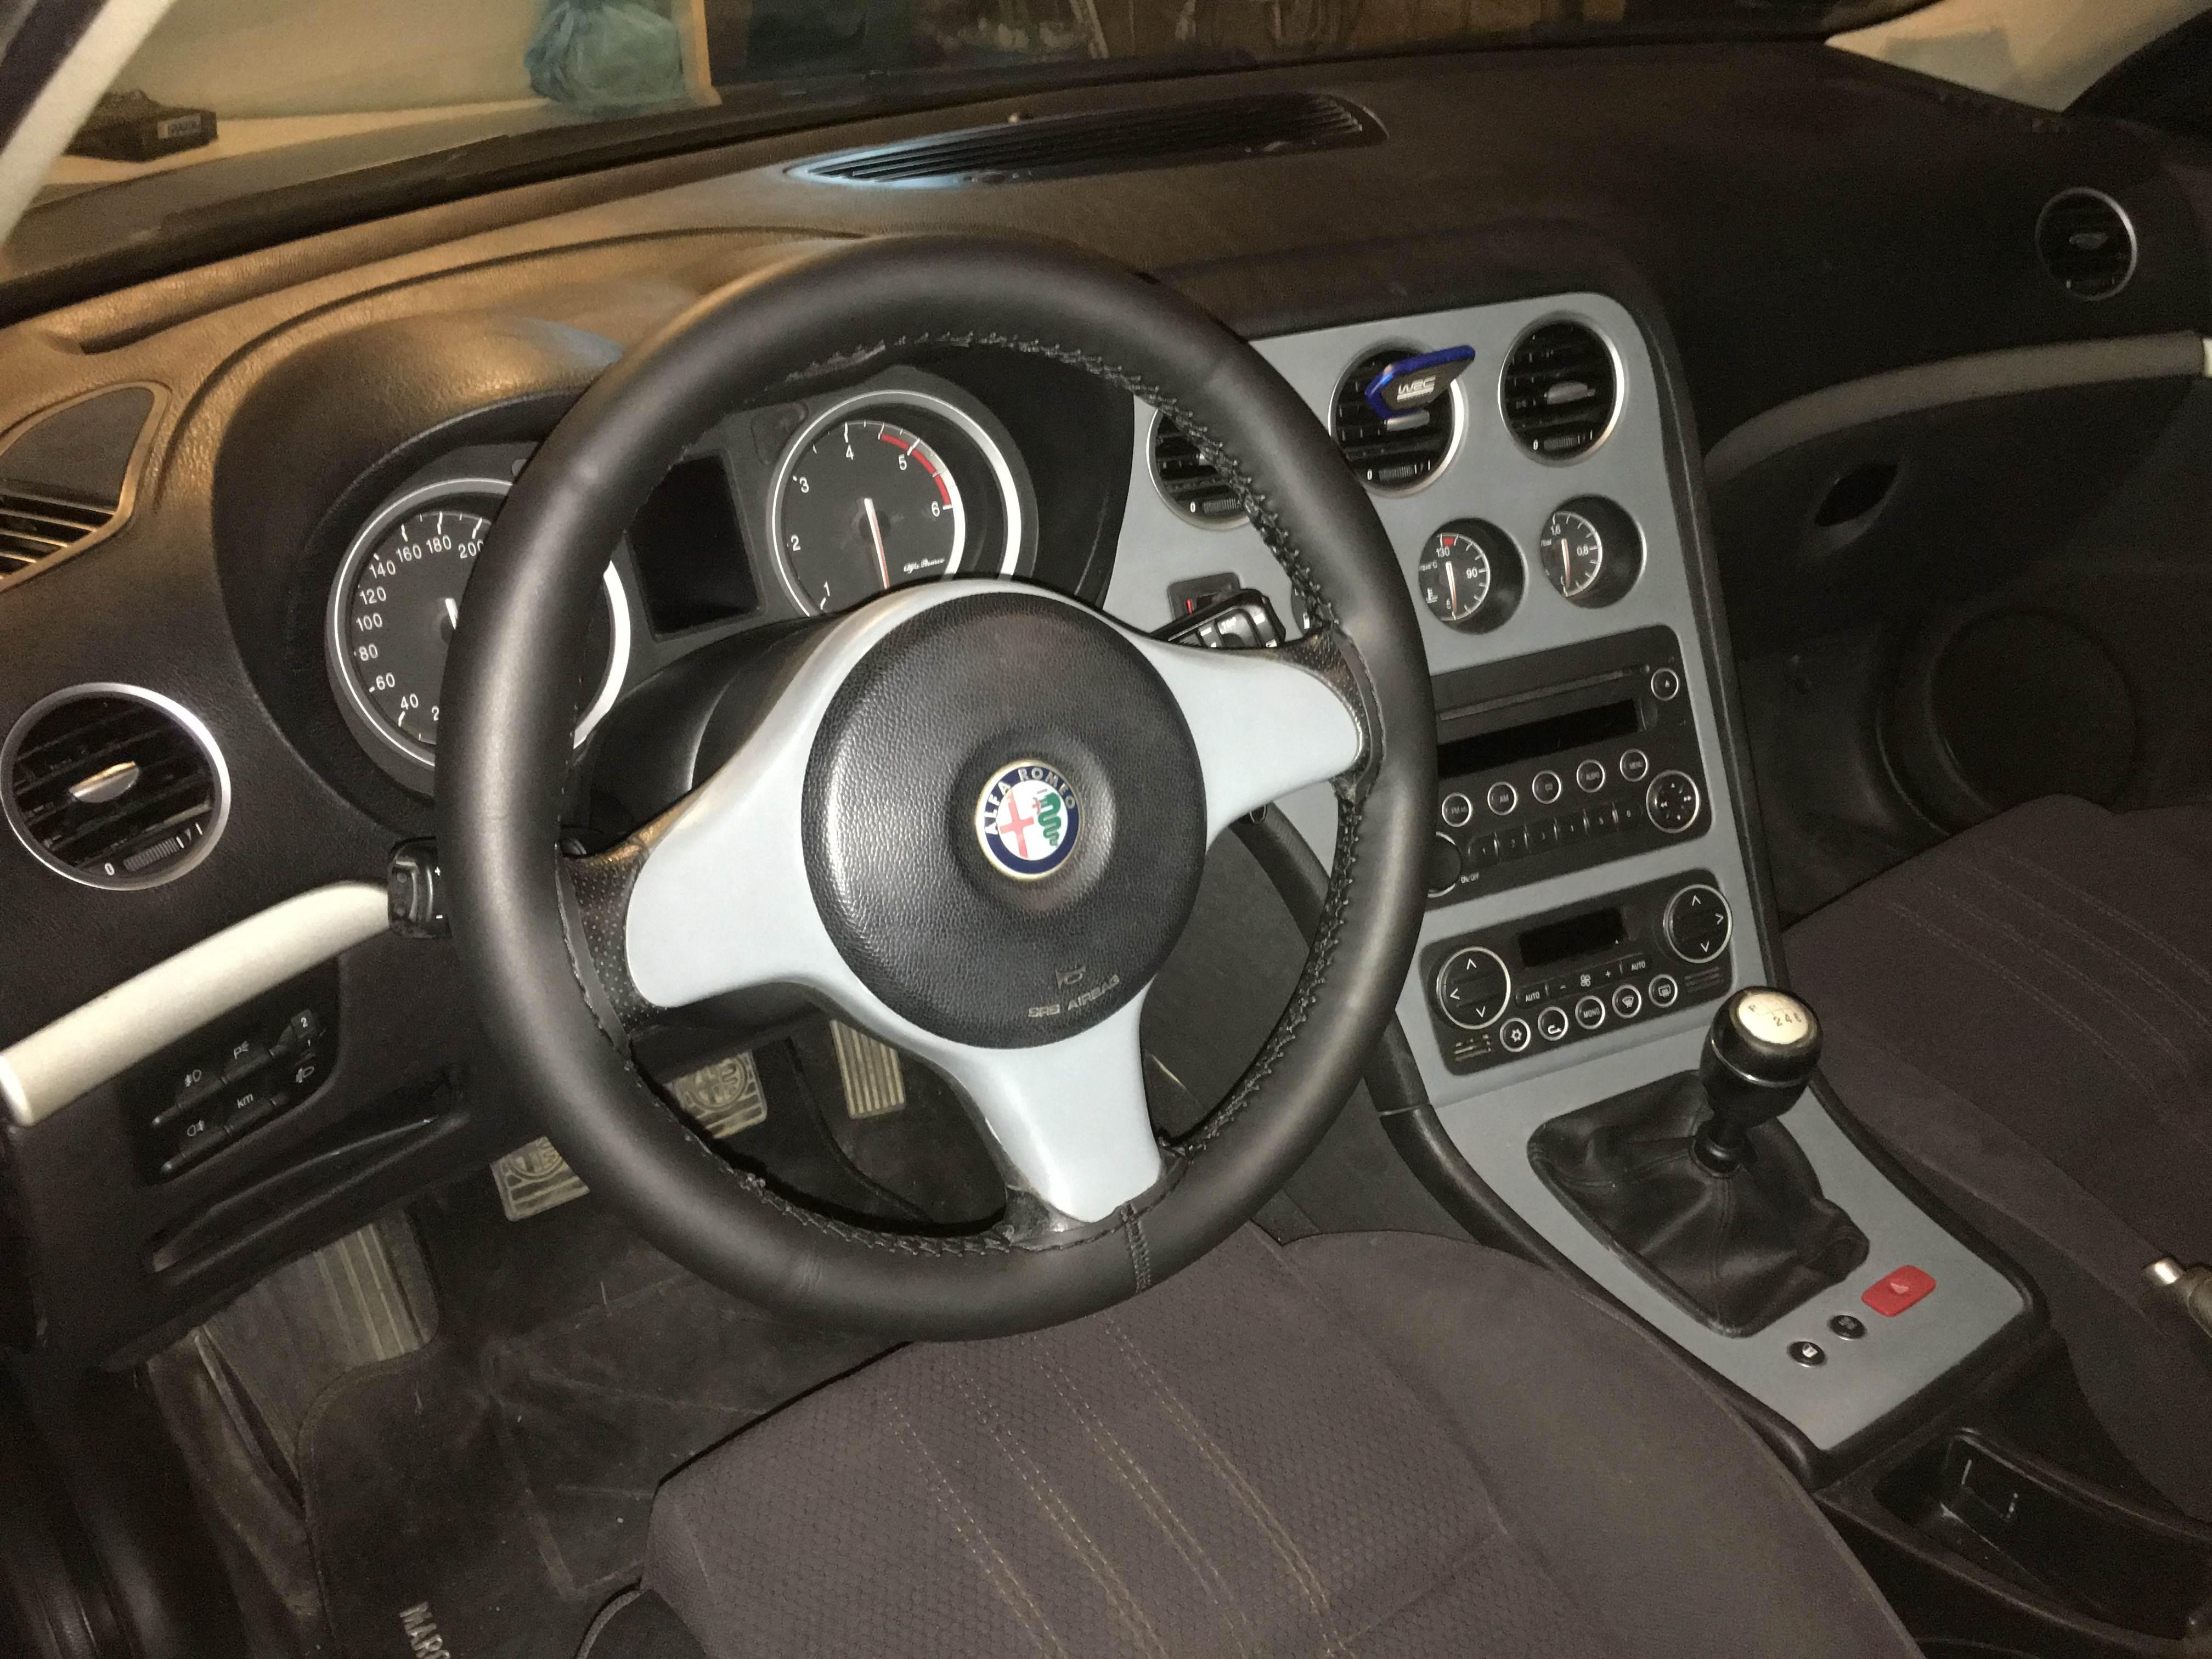 foto Alfa Romeo 159 - 1.9 JTDm 150cv - Blu metallizzato - 2007 - VT - 5